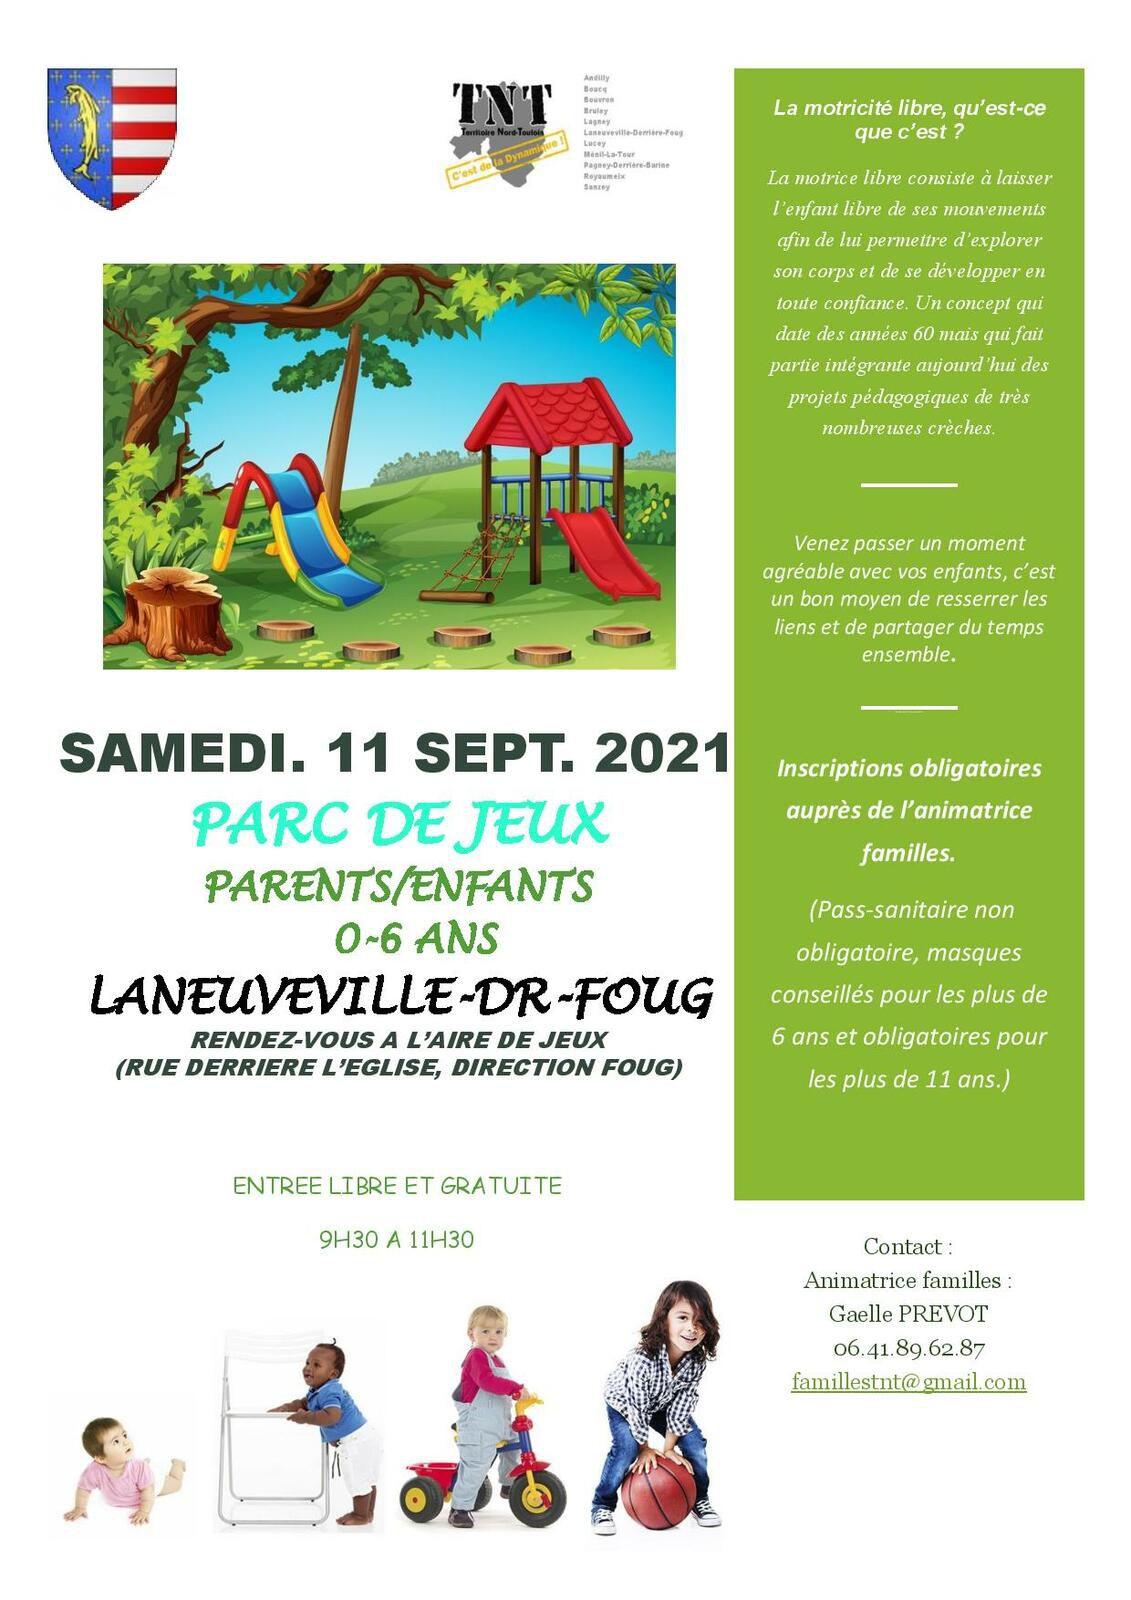 Activités Parents-enfants (0-6 ans) - Samedi 11 septembre 2021